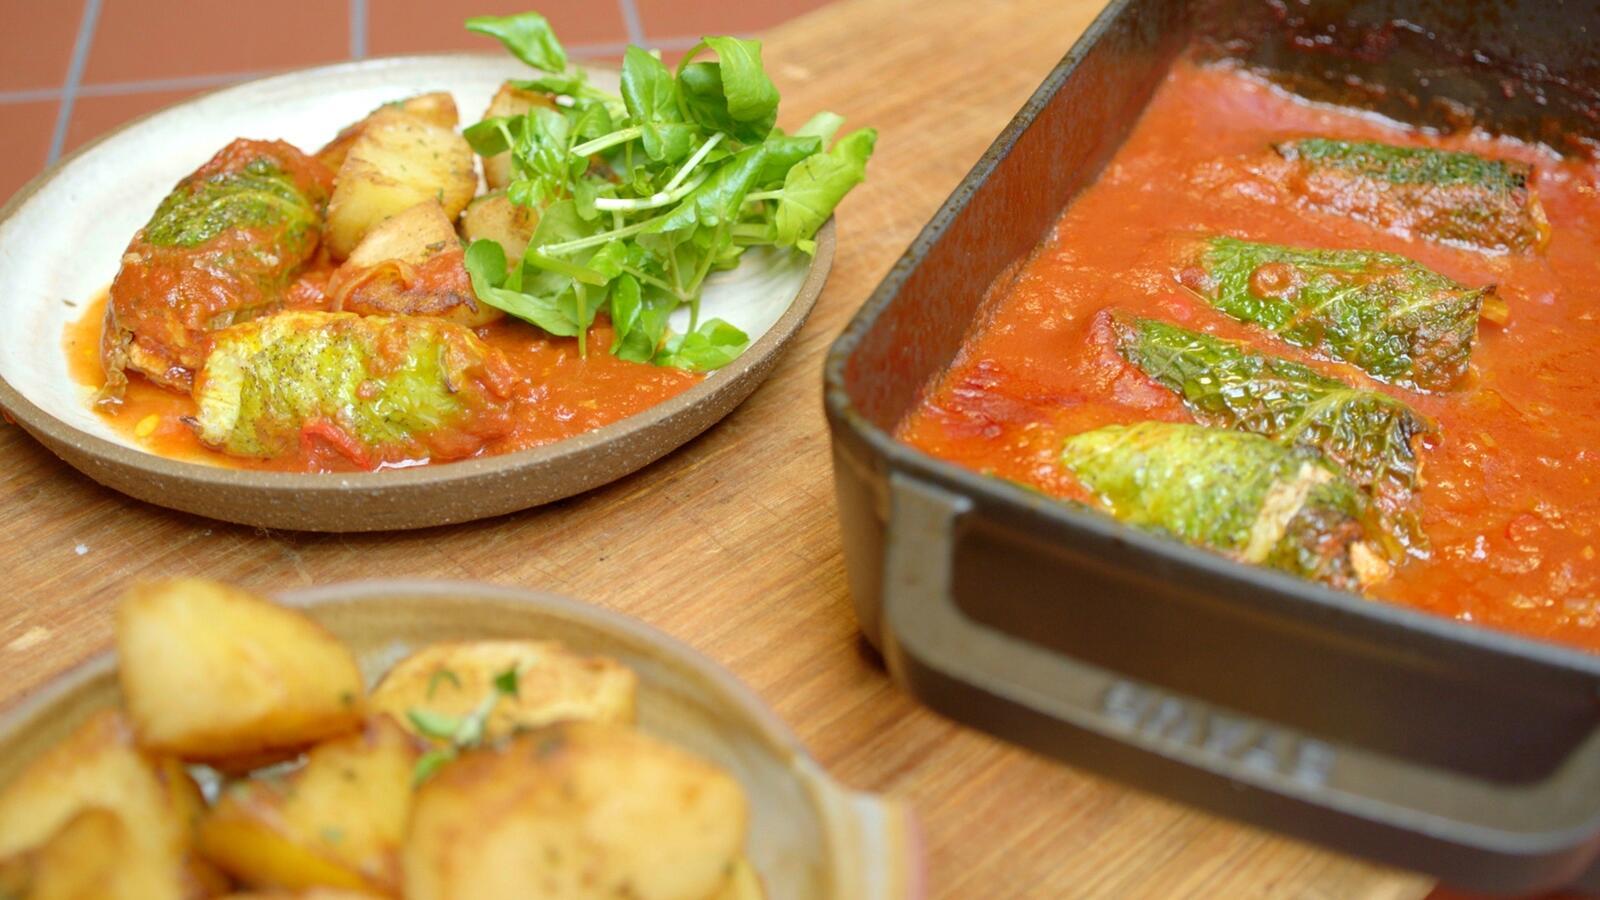 Blinde vink van schelvis en groene kool, tomatensaus en gebakken aardappelen